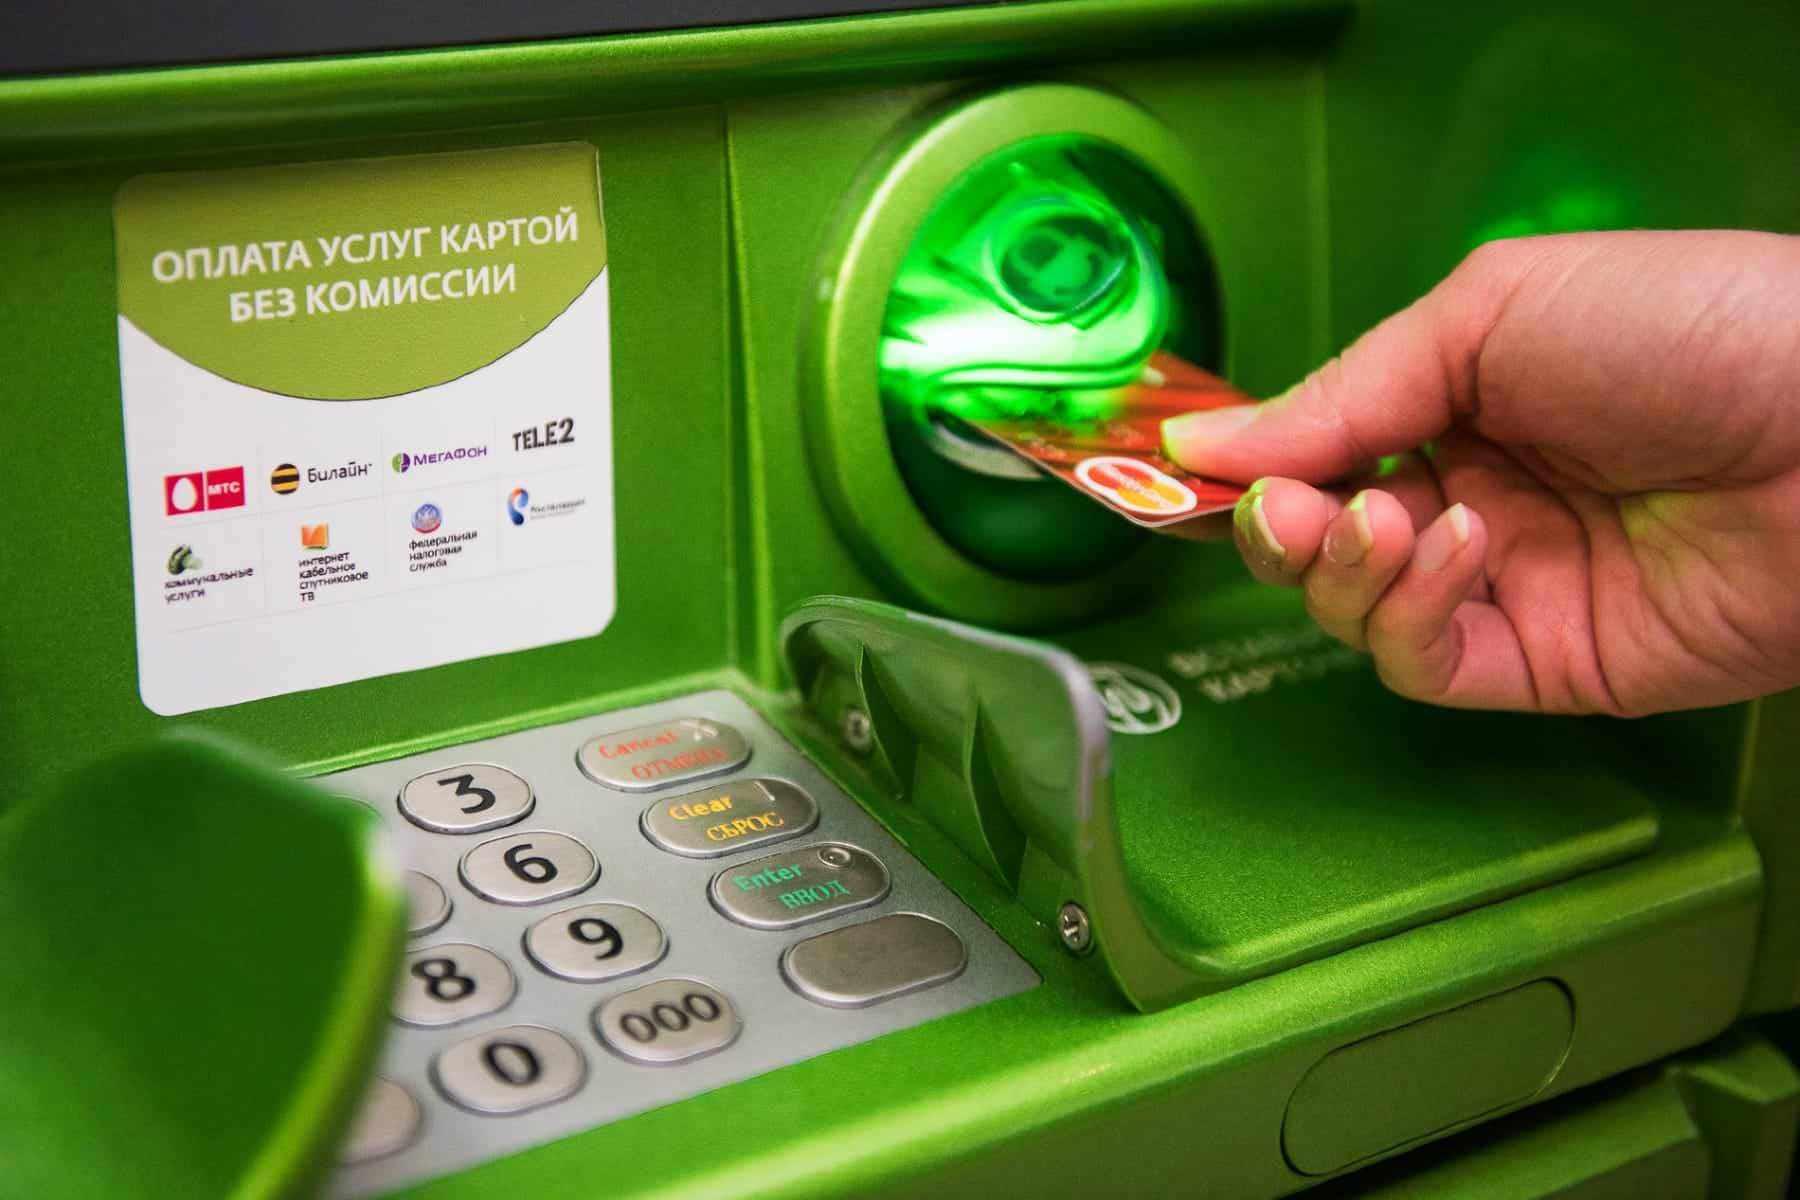 Можно ли получить кредит если есть долг у судебных приставов